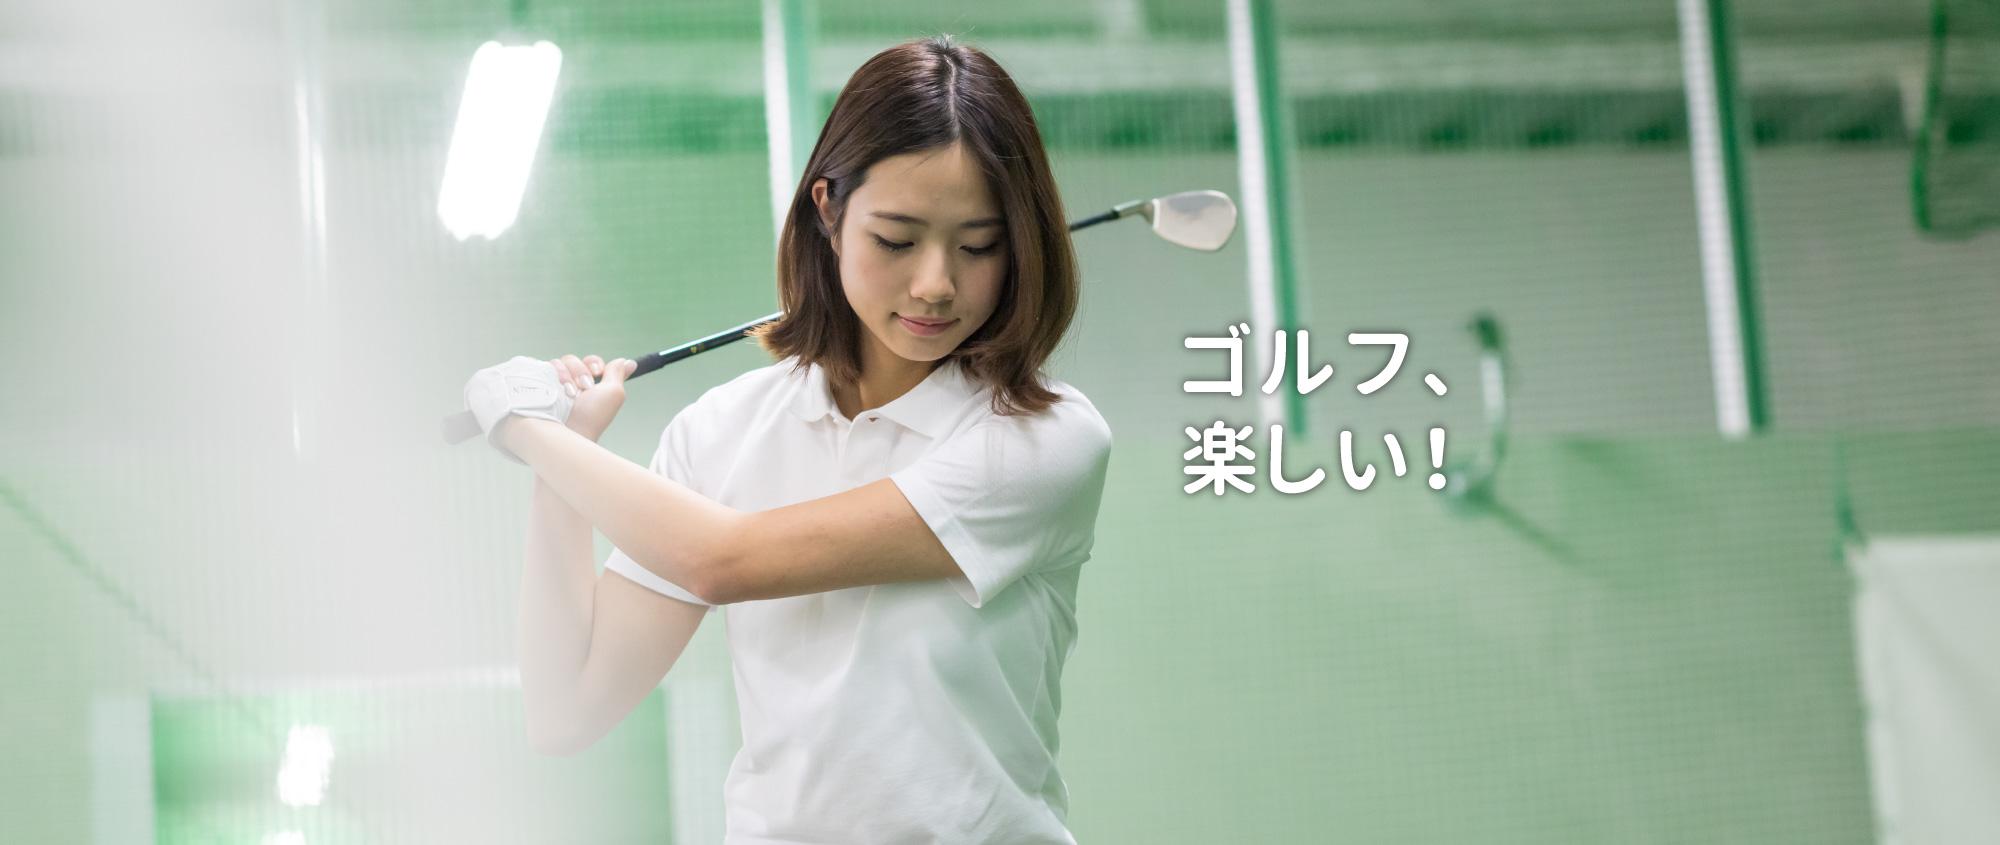 ゴルフ楽しい!